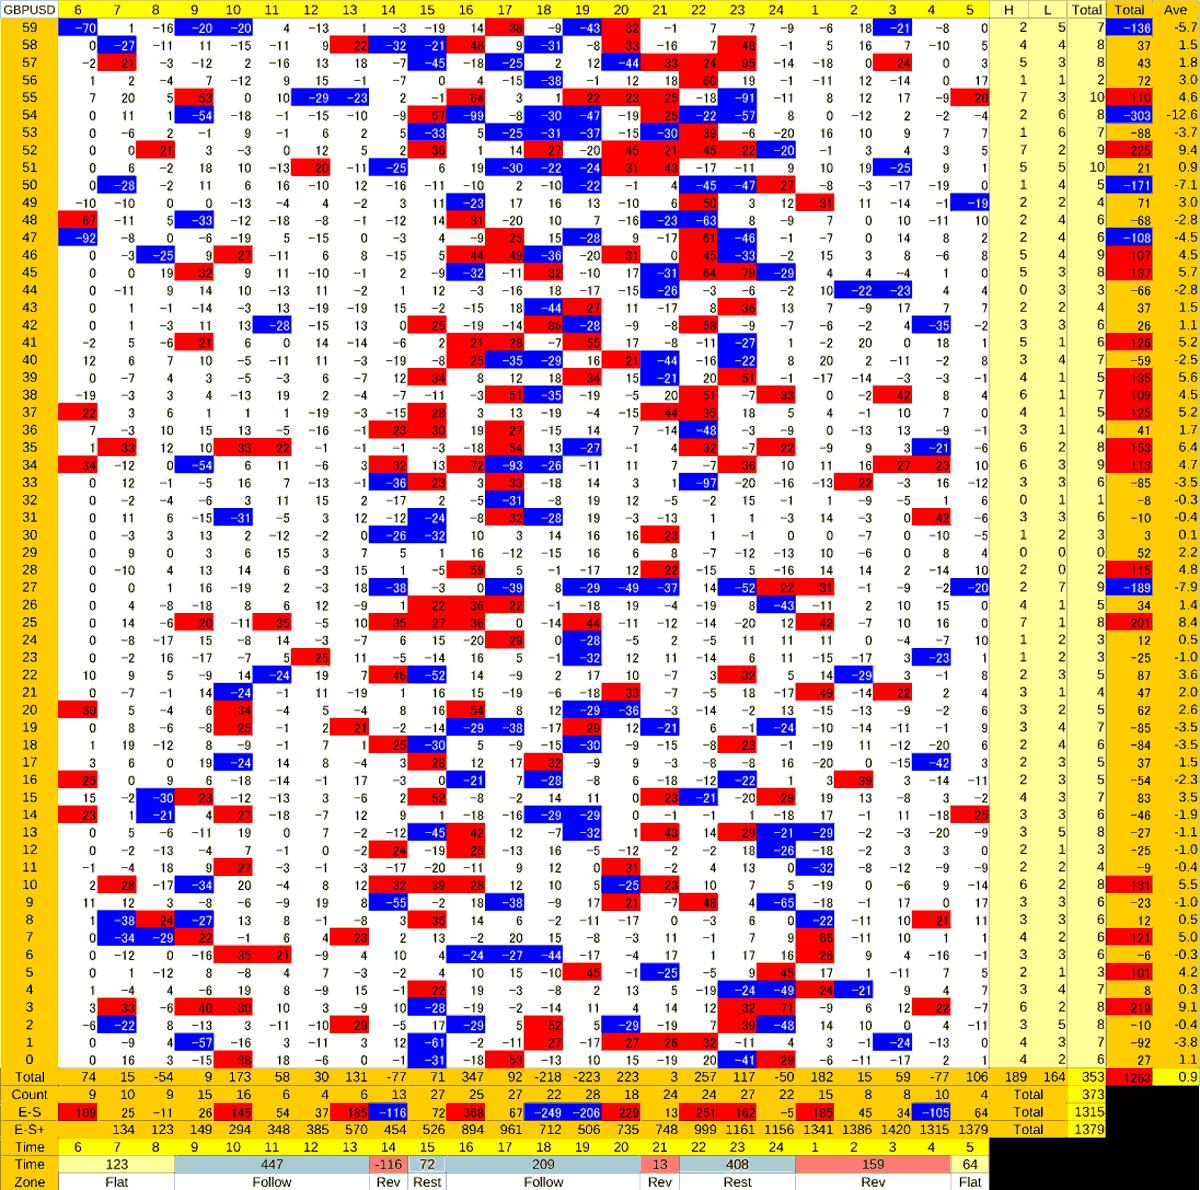 20200622_HS(2)GBPUSD